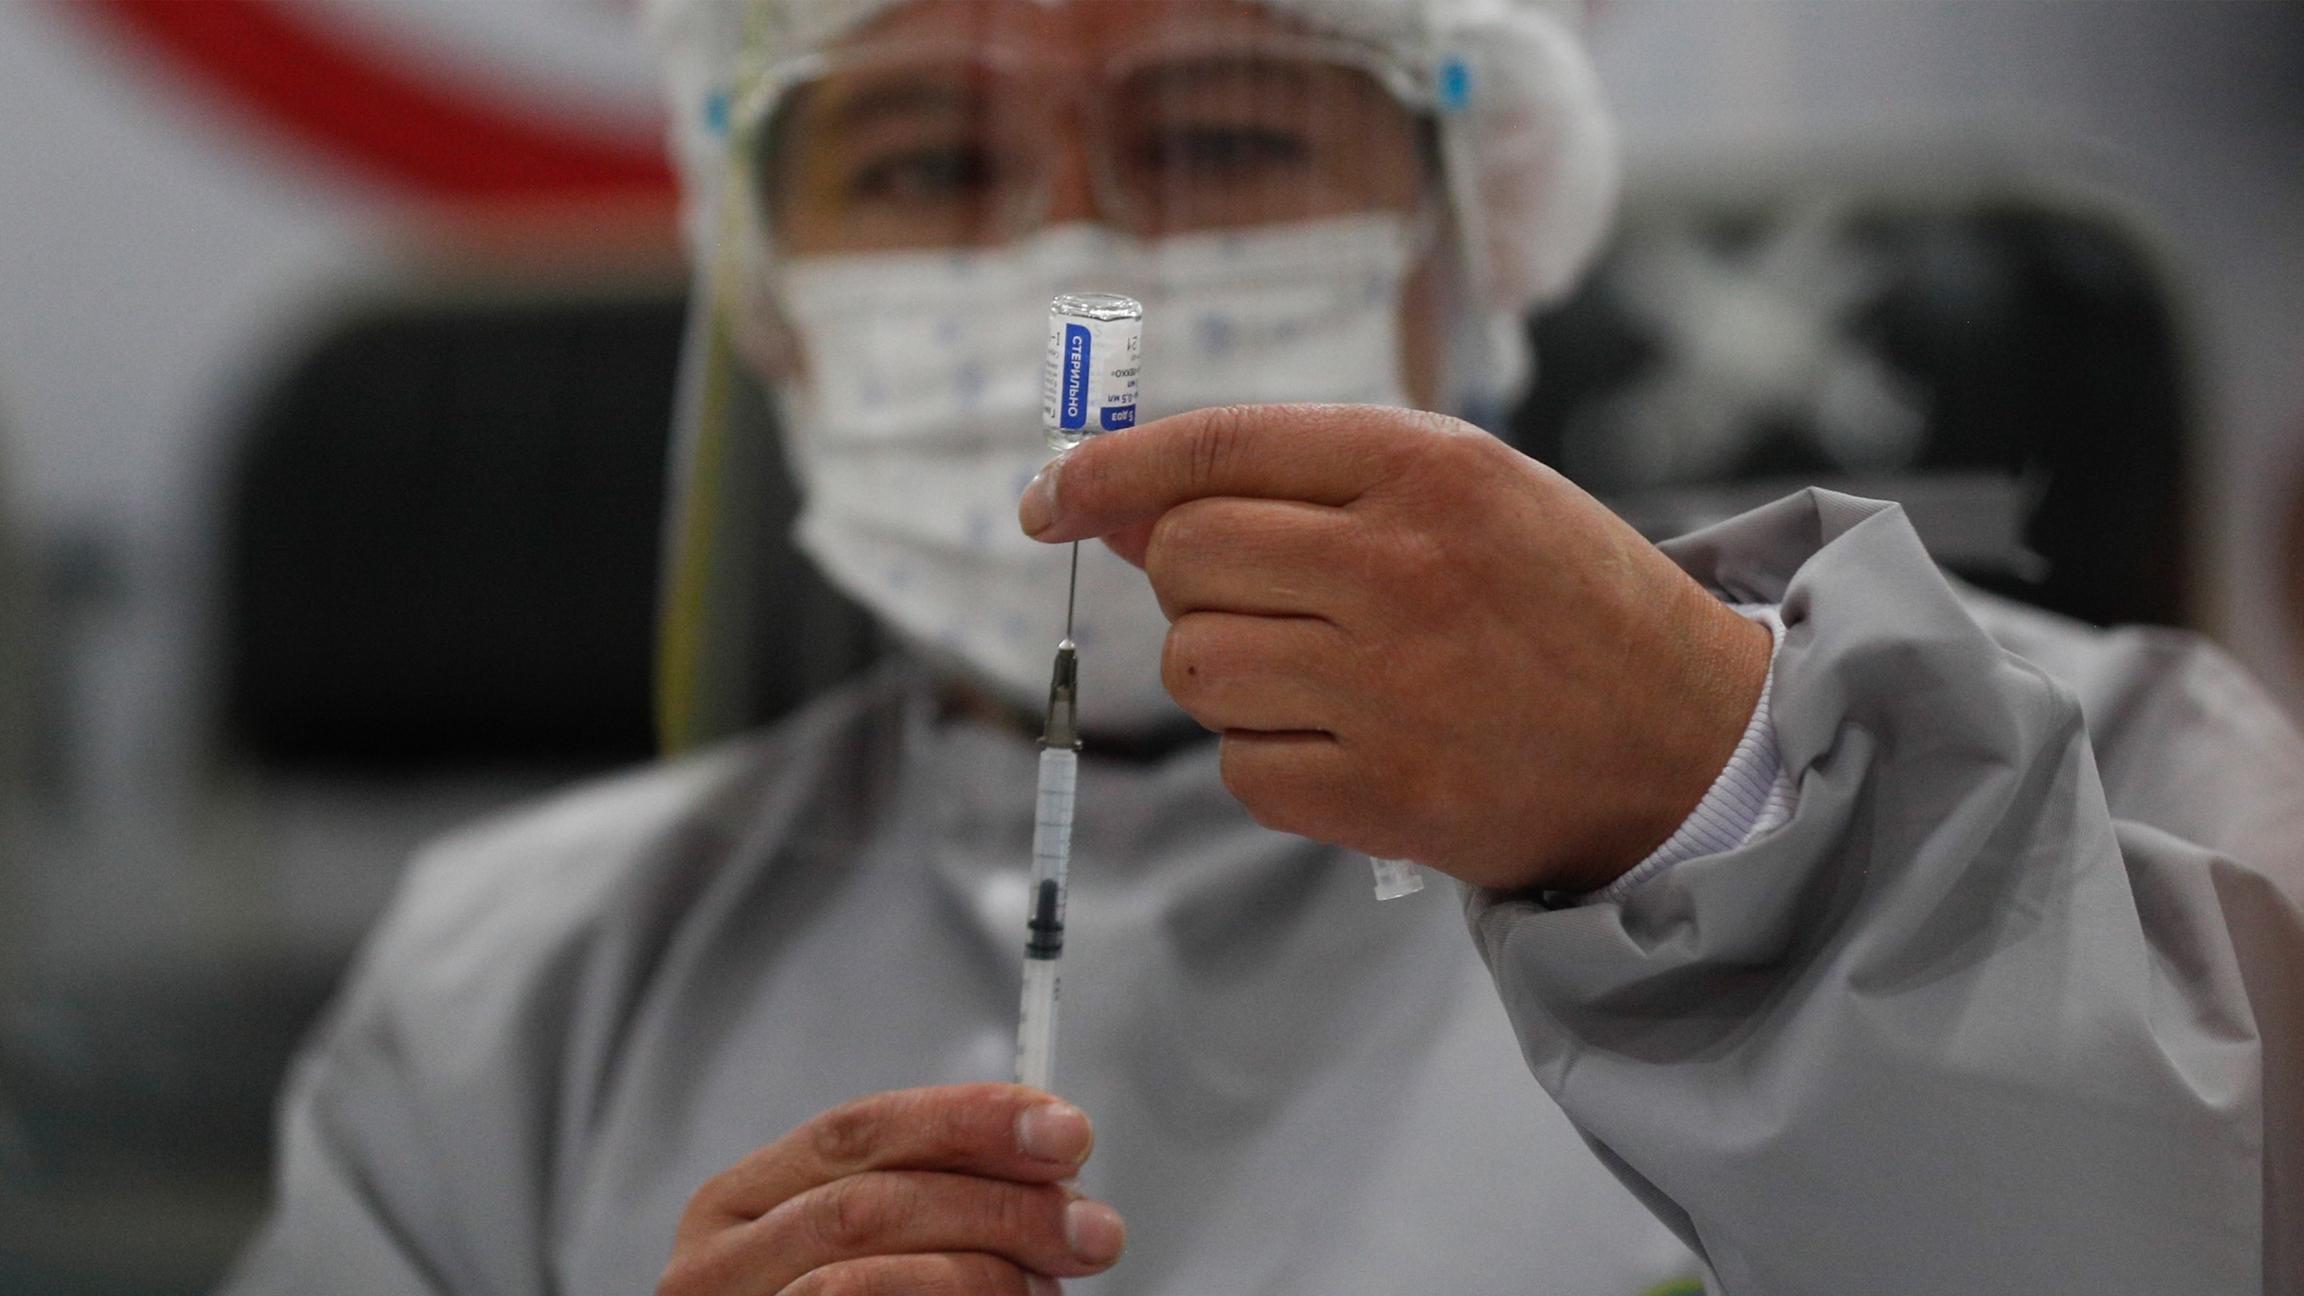 A health care worker prepares a dose of Russia's Sputnik V COVID-19 vaccine, at the Del Norte Hospital in El Alto, Bolivia,on Saturday, Jan. 30, 2021.